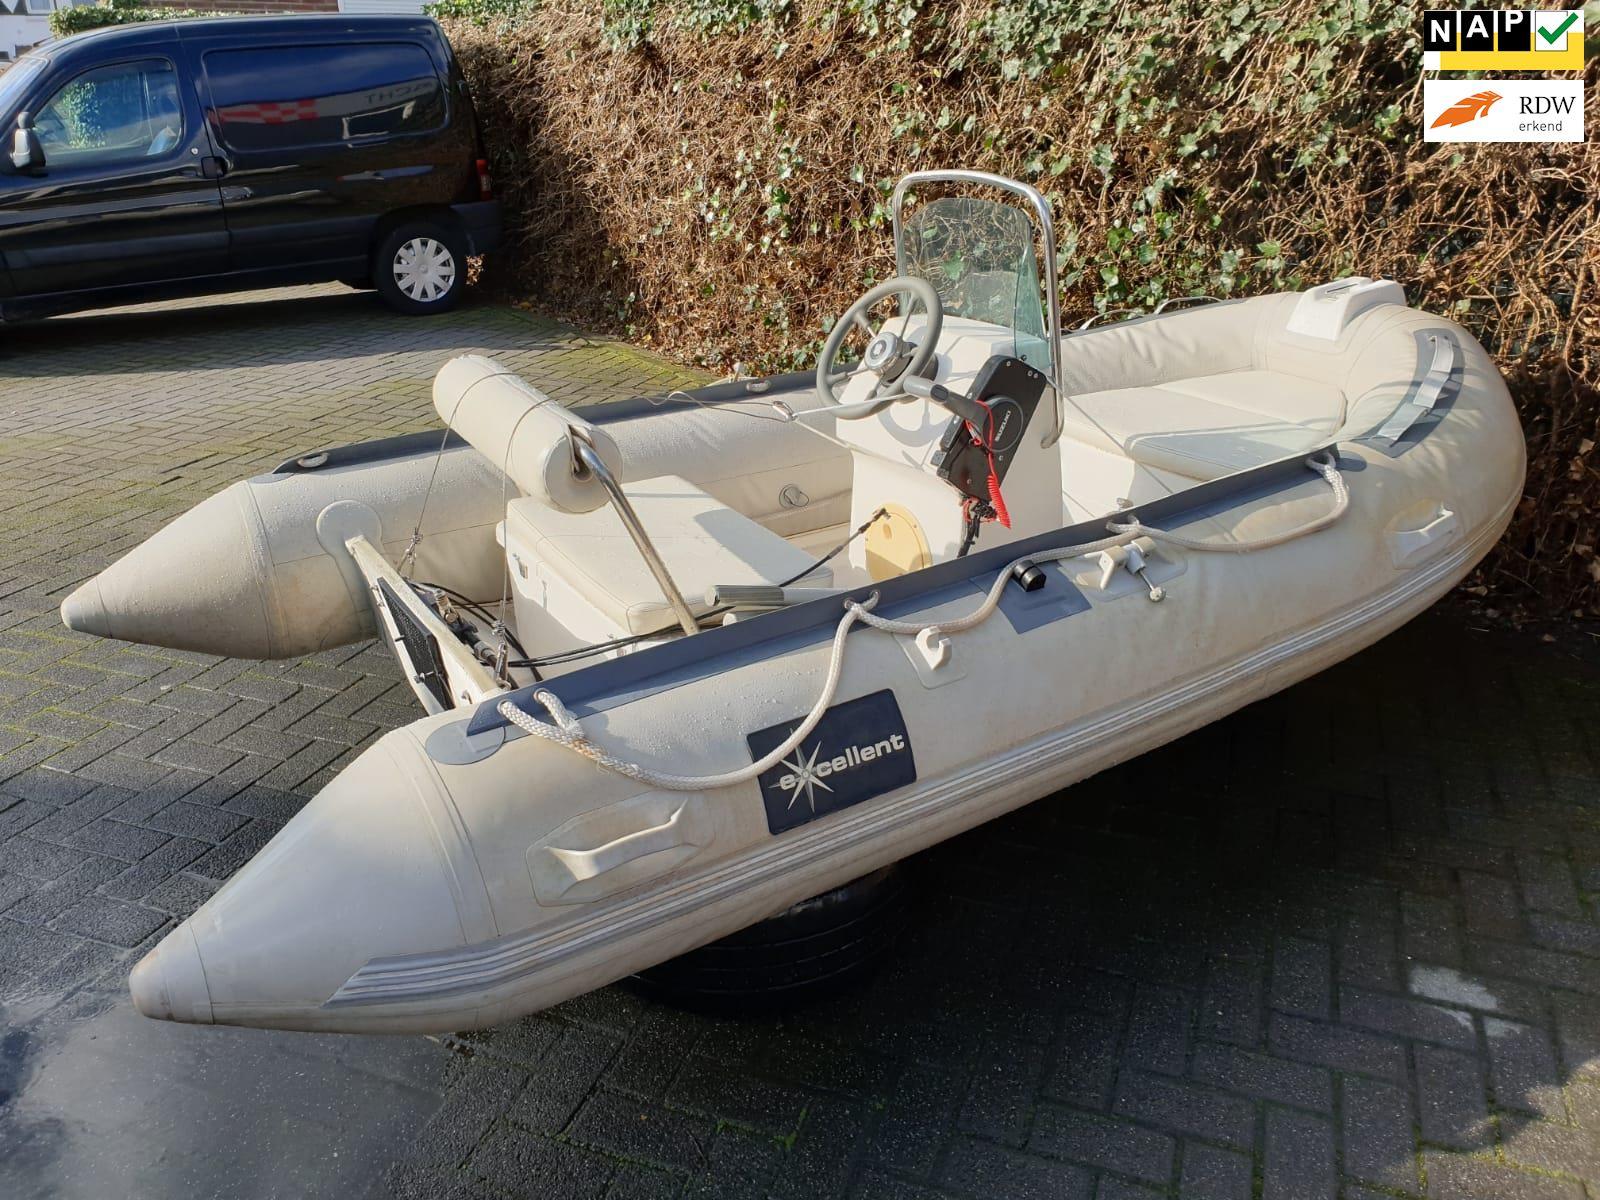 Exelent Rubberboot Exelent met nieuwe 5PK Suzuki buitenboordmotor occasion - Autobedrijf van Gaal